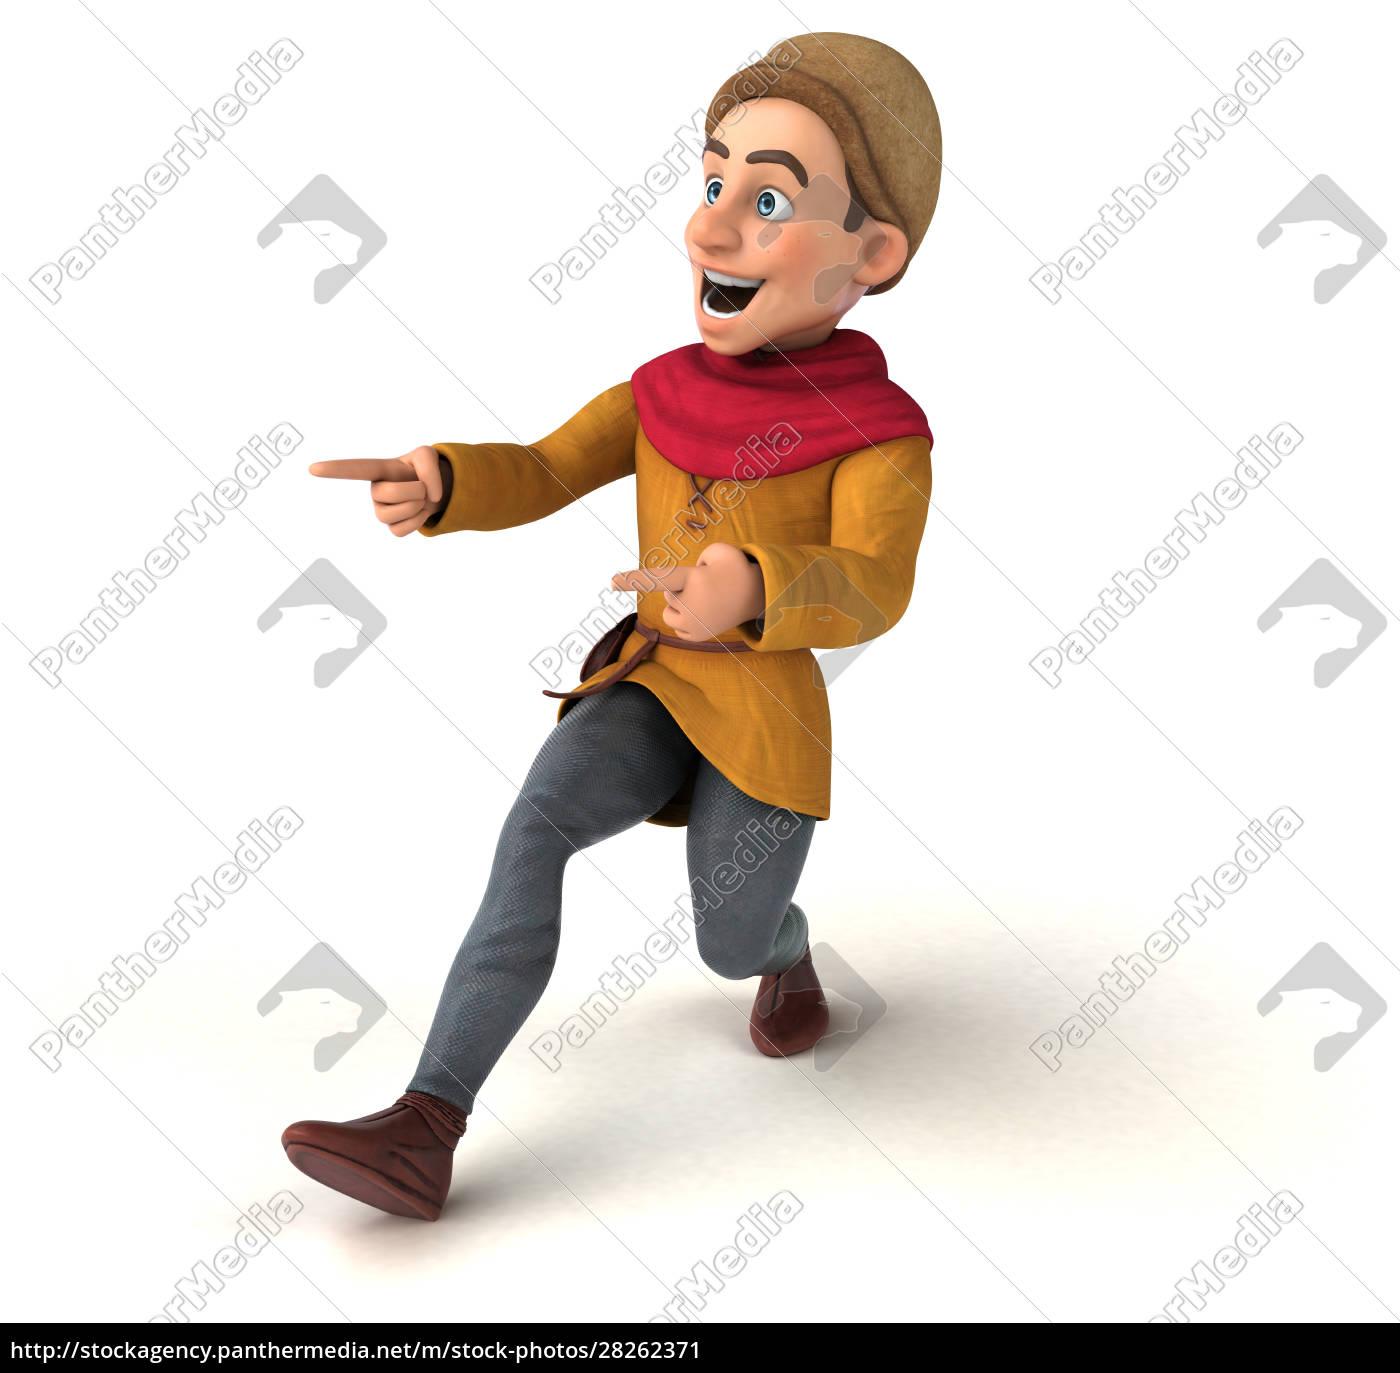 3d, illustration, eines, mittelalterlichen, historischen, charakters - 28262371